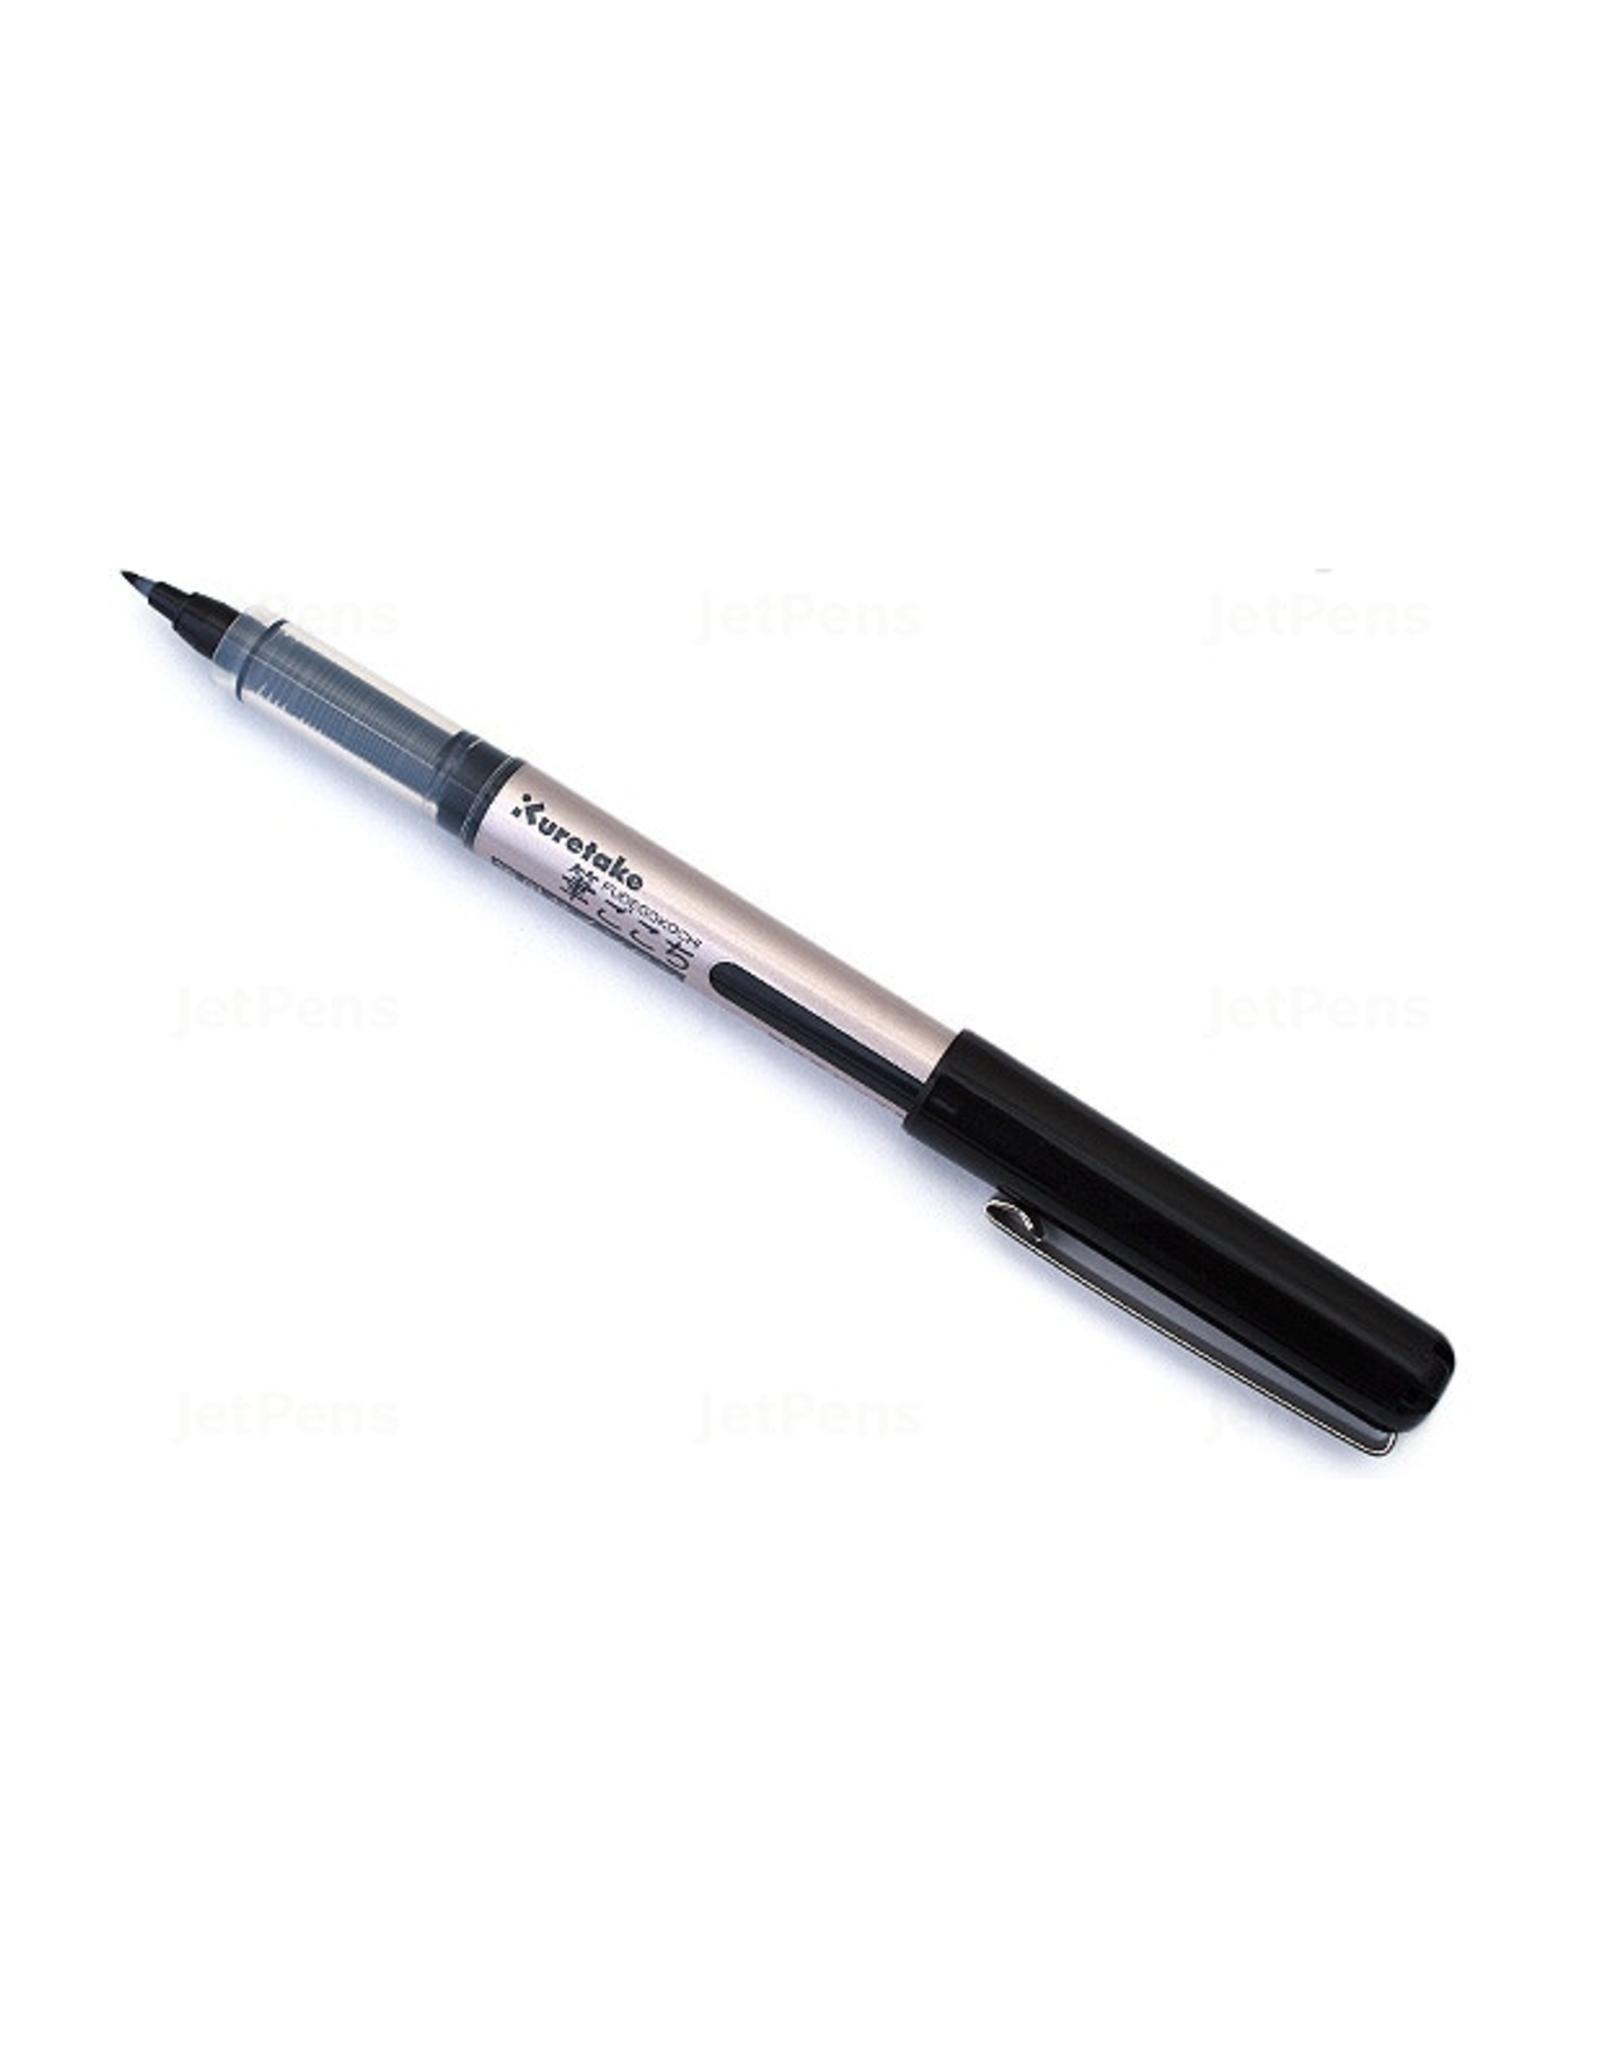 Fudegokochi Usuzumi Brush Pen